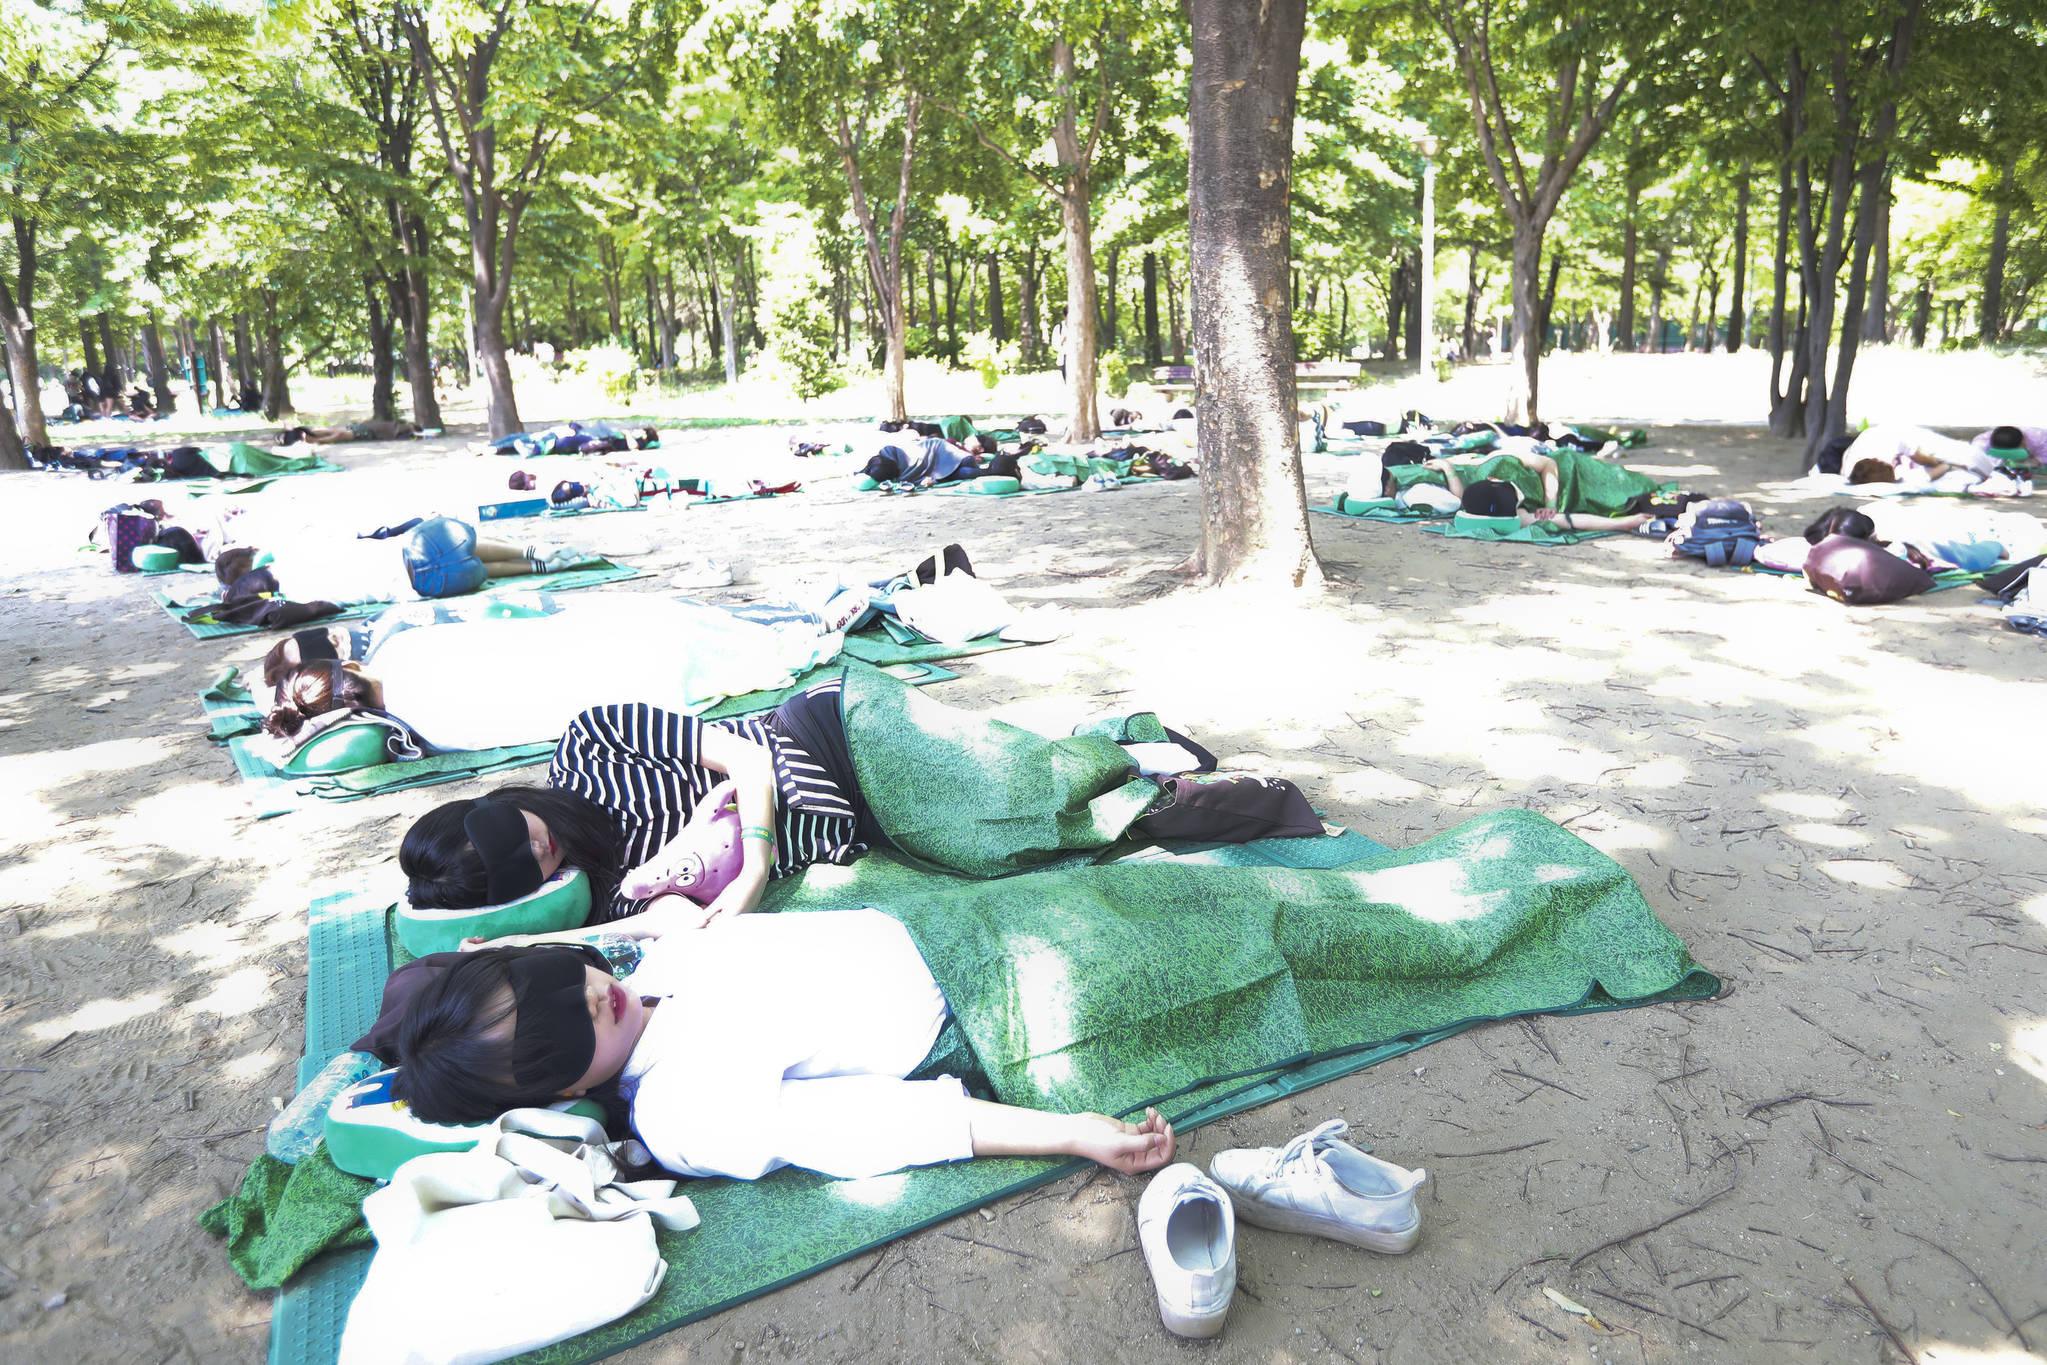 50명의 참가자가 단체로 낮잠을 자고 있다.